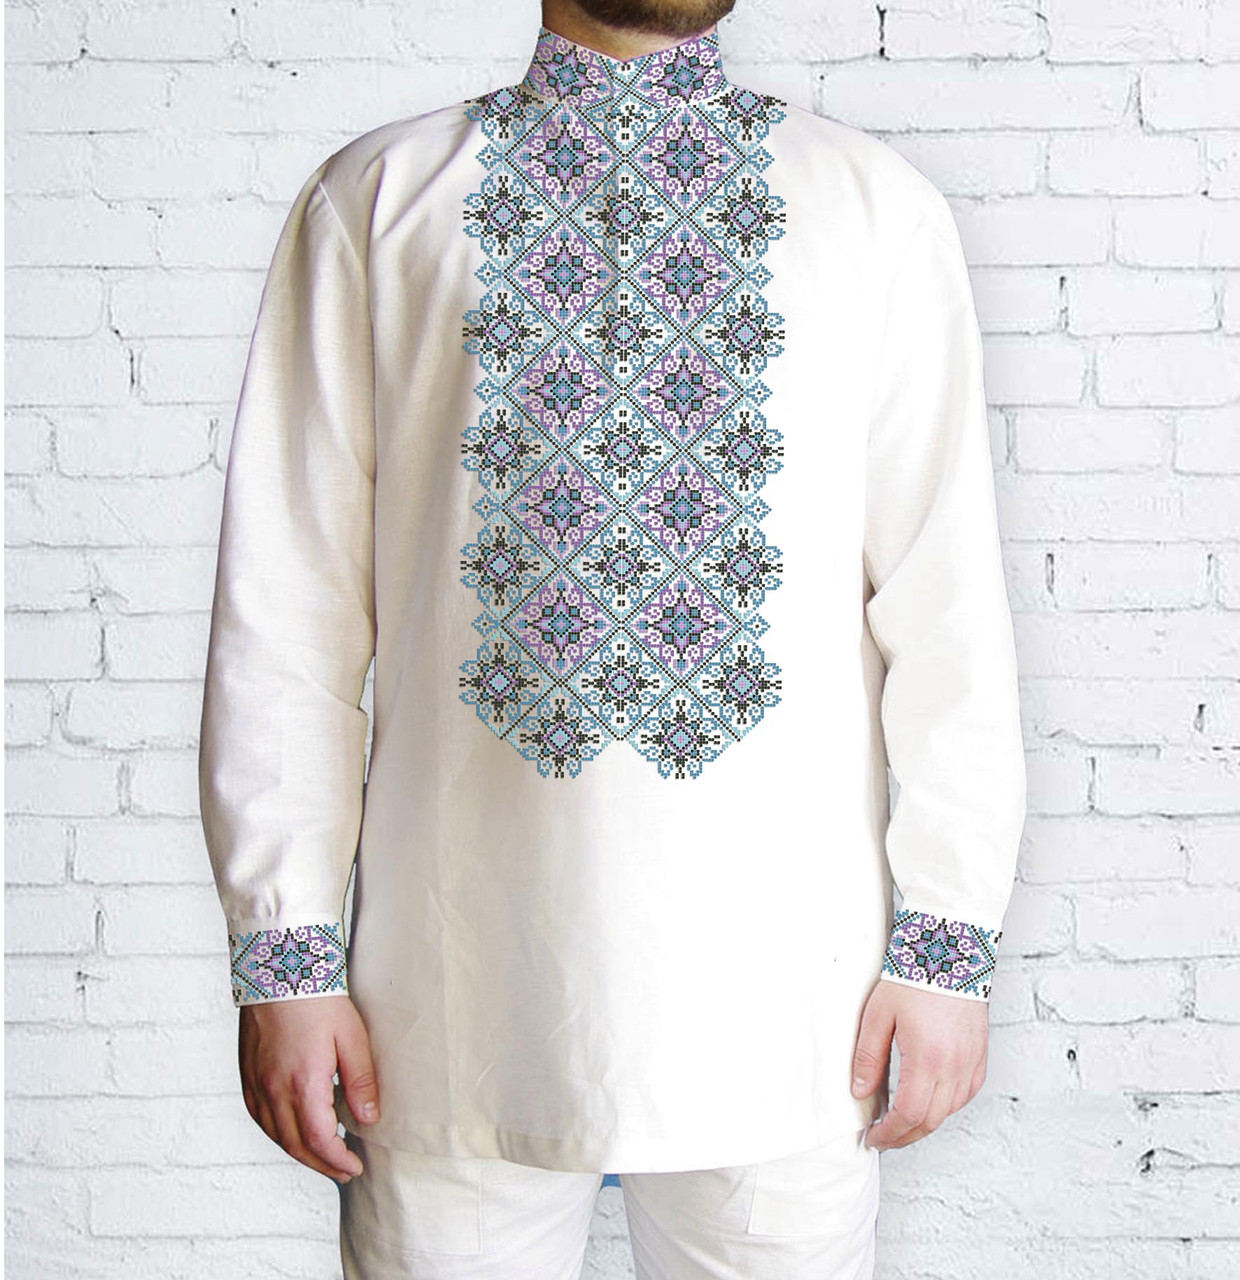 Заготовка чоловічої сорочки та вишиванки для вишивки чи вишивання бісером Бисерок «Орнамент 532» (Ч-532 )